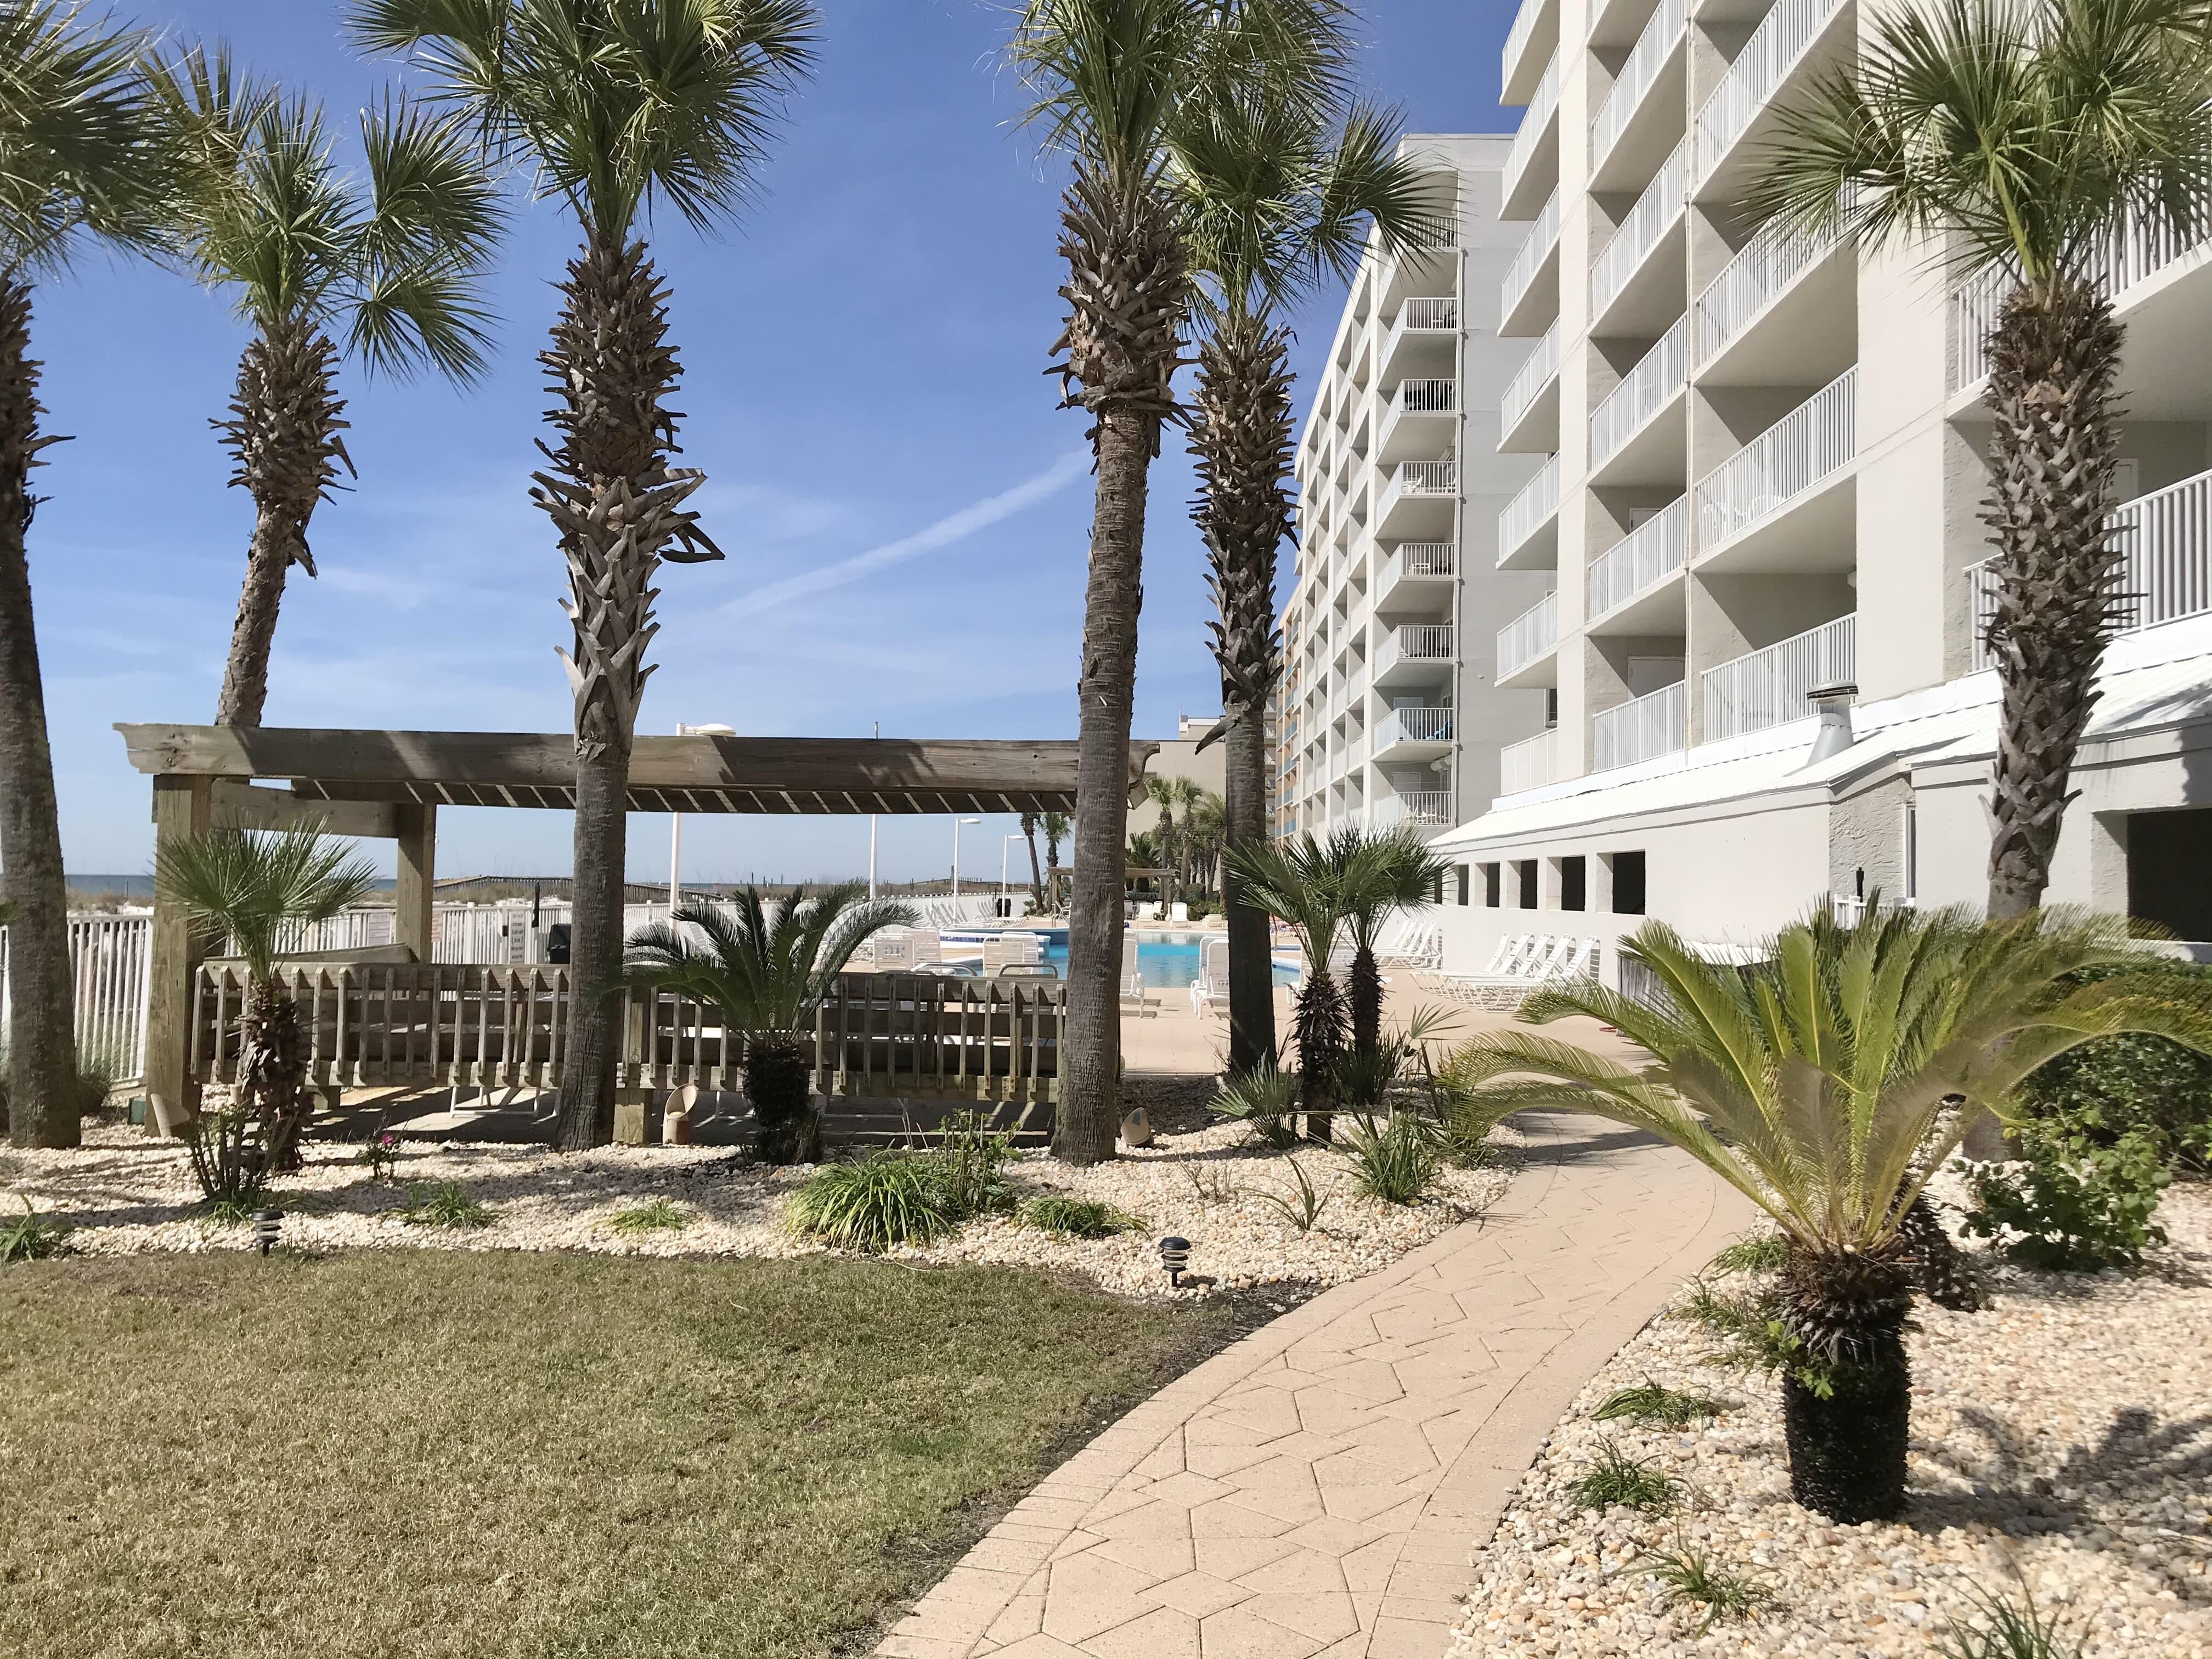 Ocean House 2204 Condo rental in Ocean House - Gulf Shores in Gulf Shores Alabama - #45